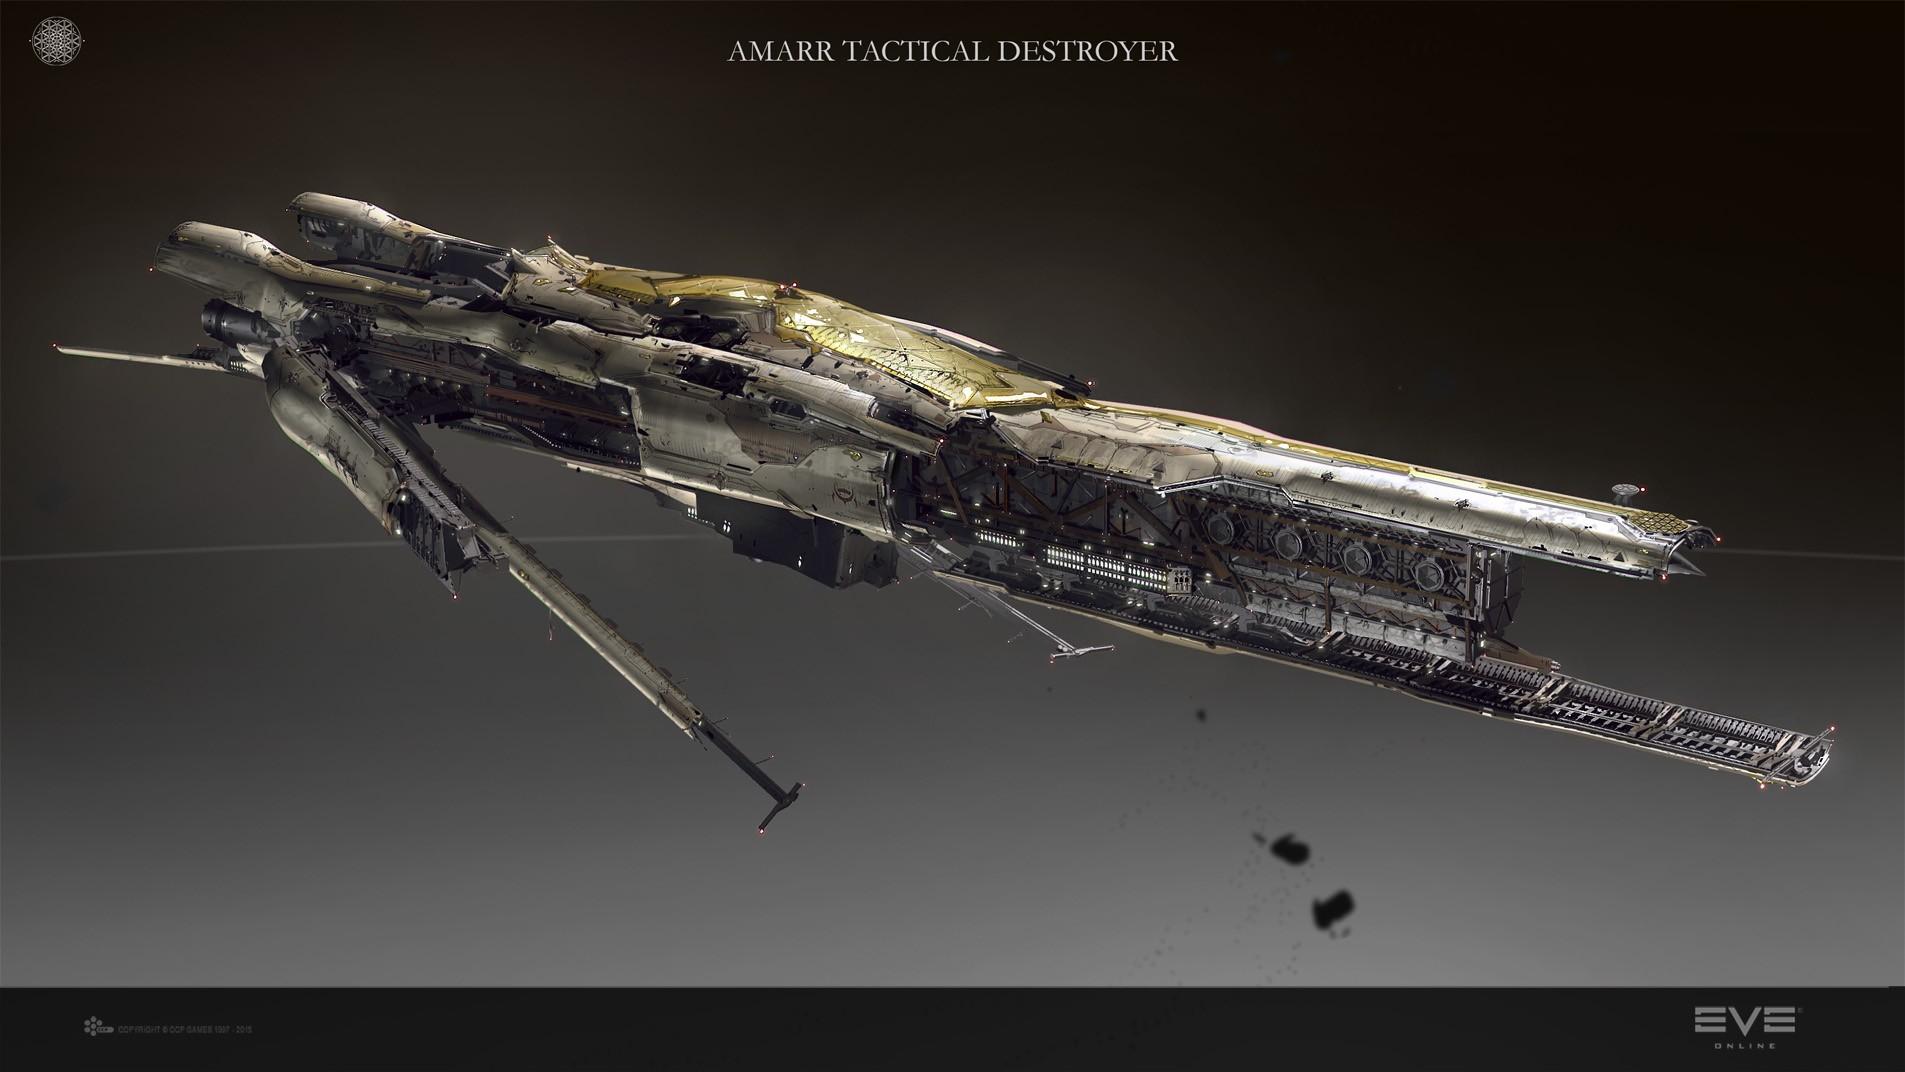 EVE Online Spaceship Amarr 1905x1072